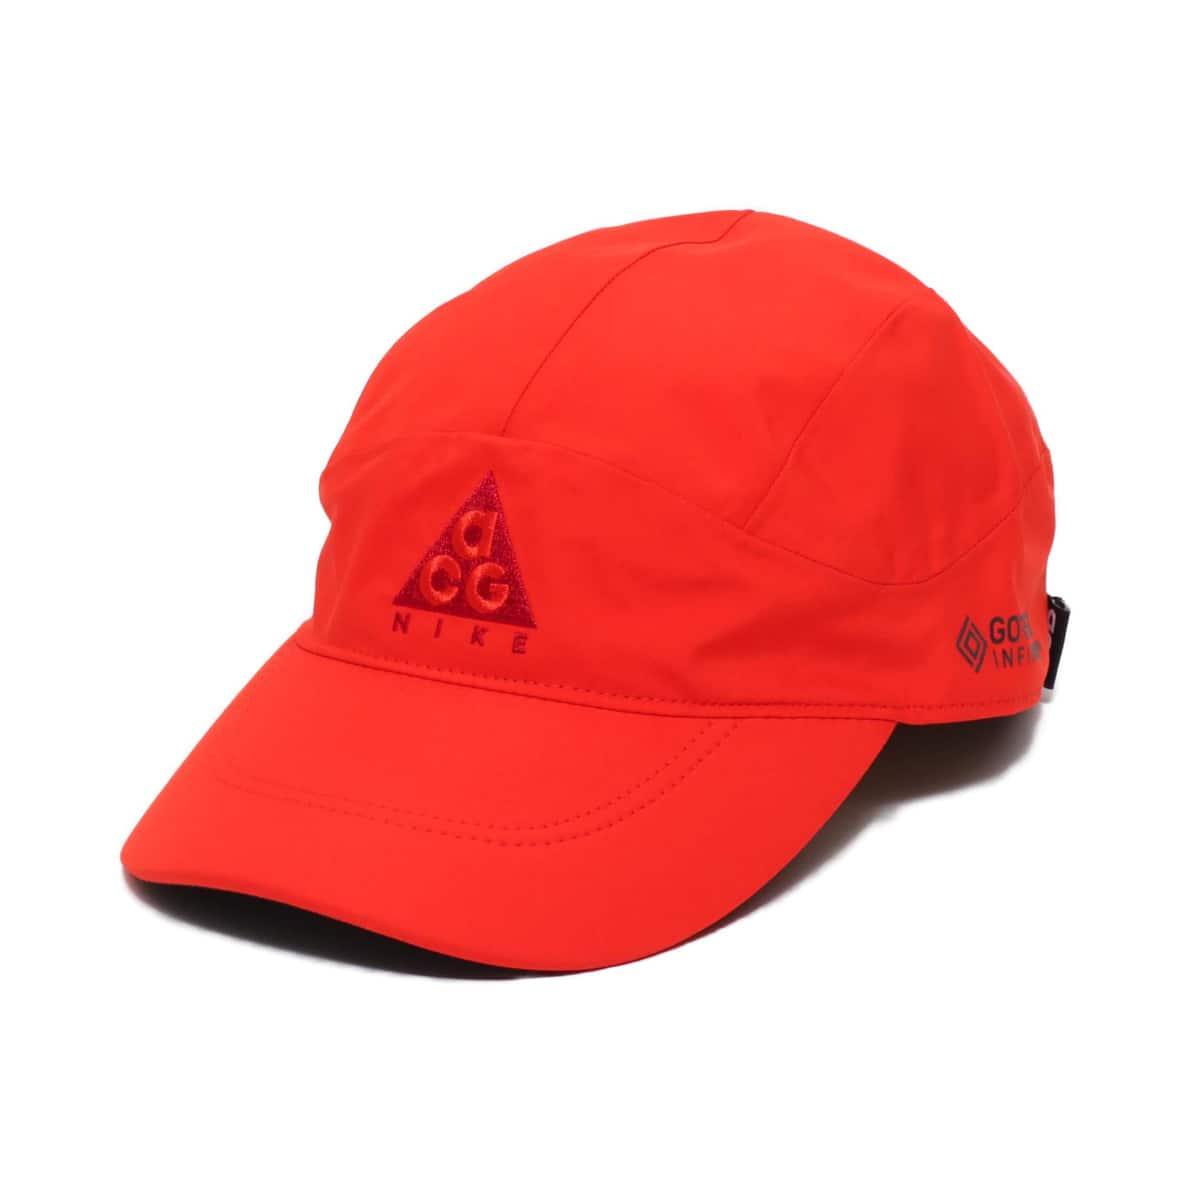 NIKE U NRG TLWD CAP ACG QS HABANERO RED 19FA-S_photo_large